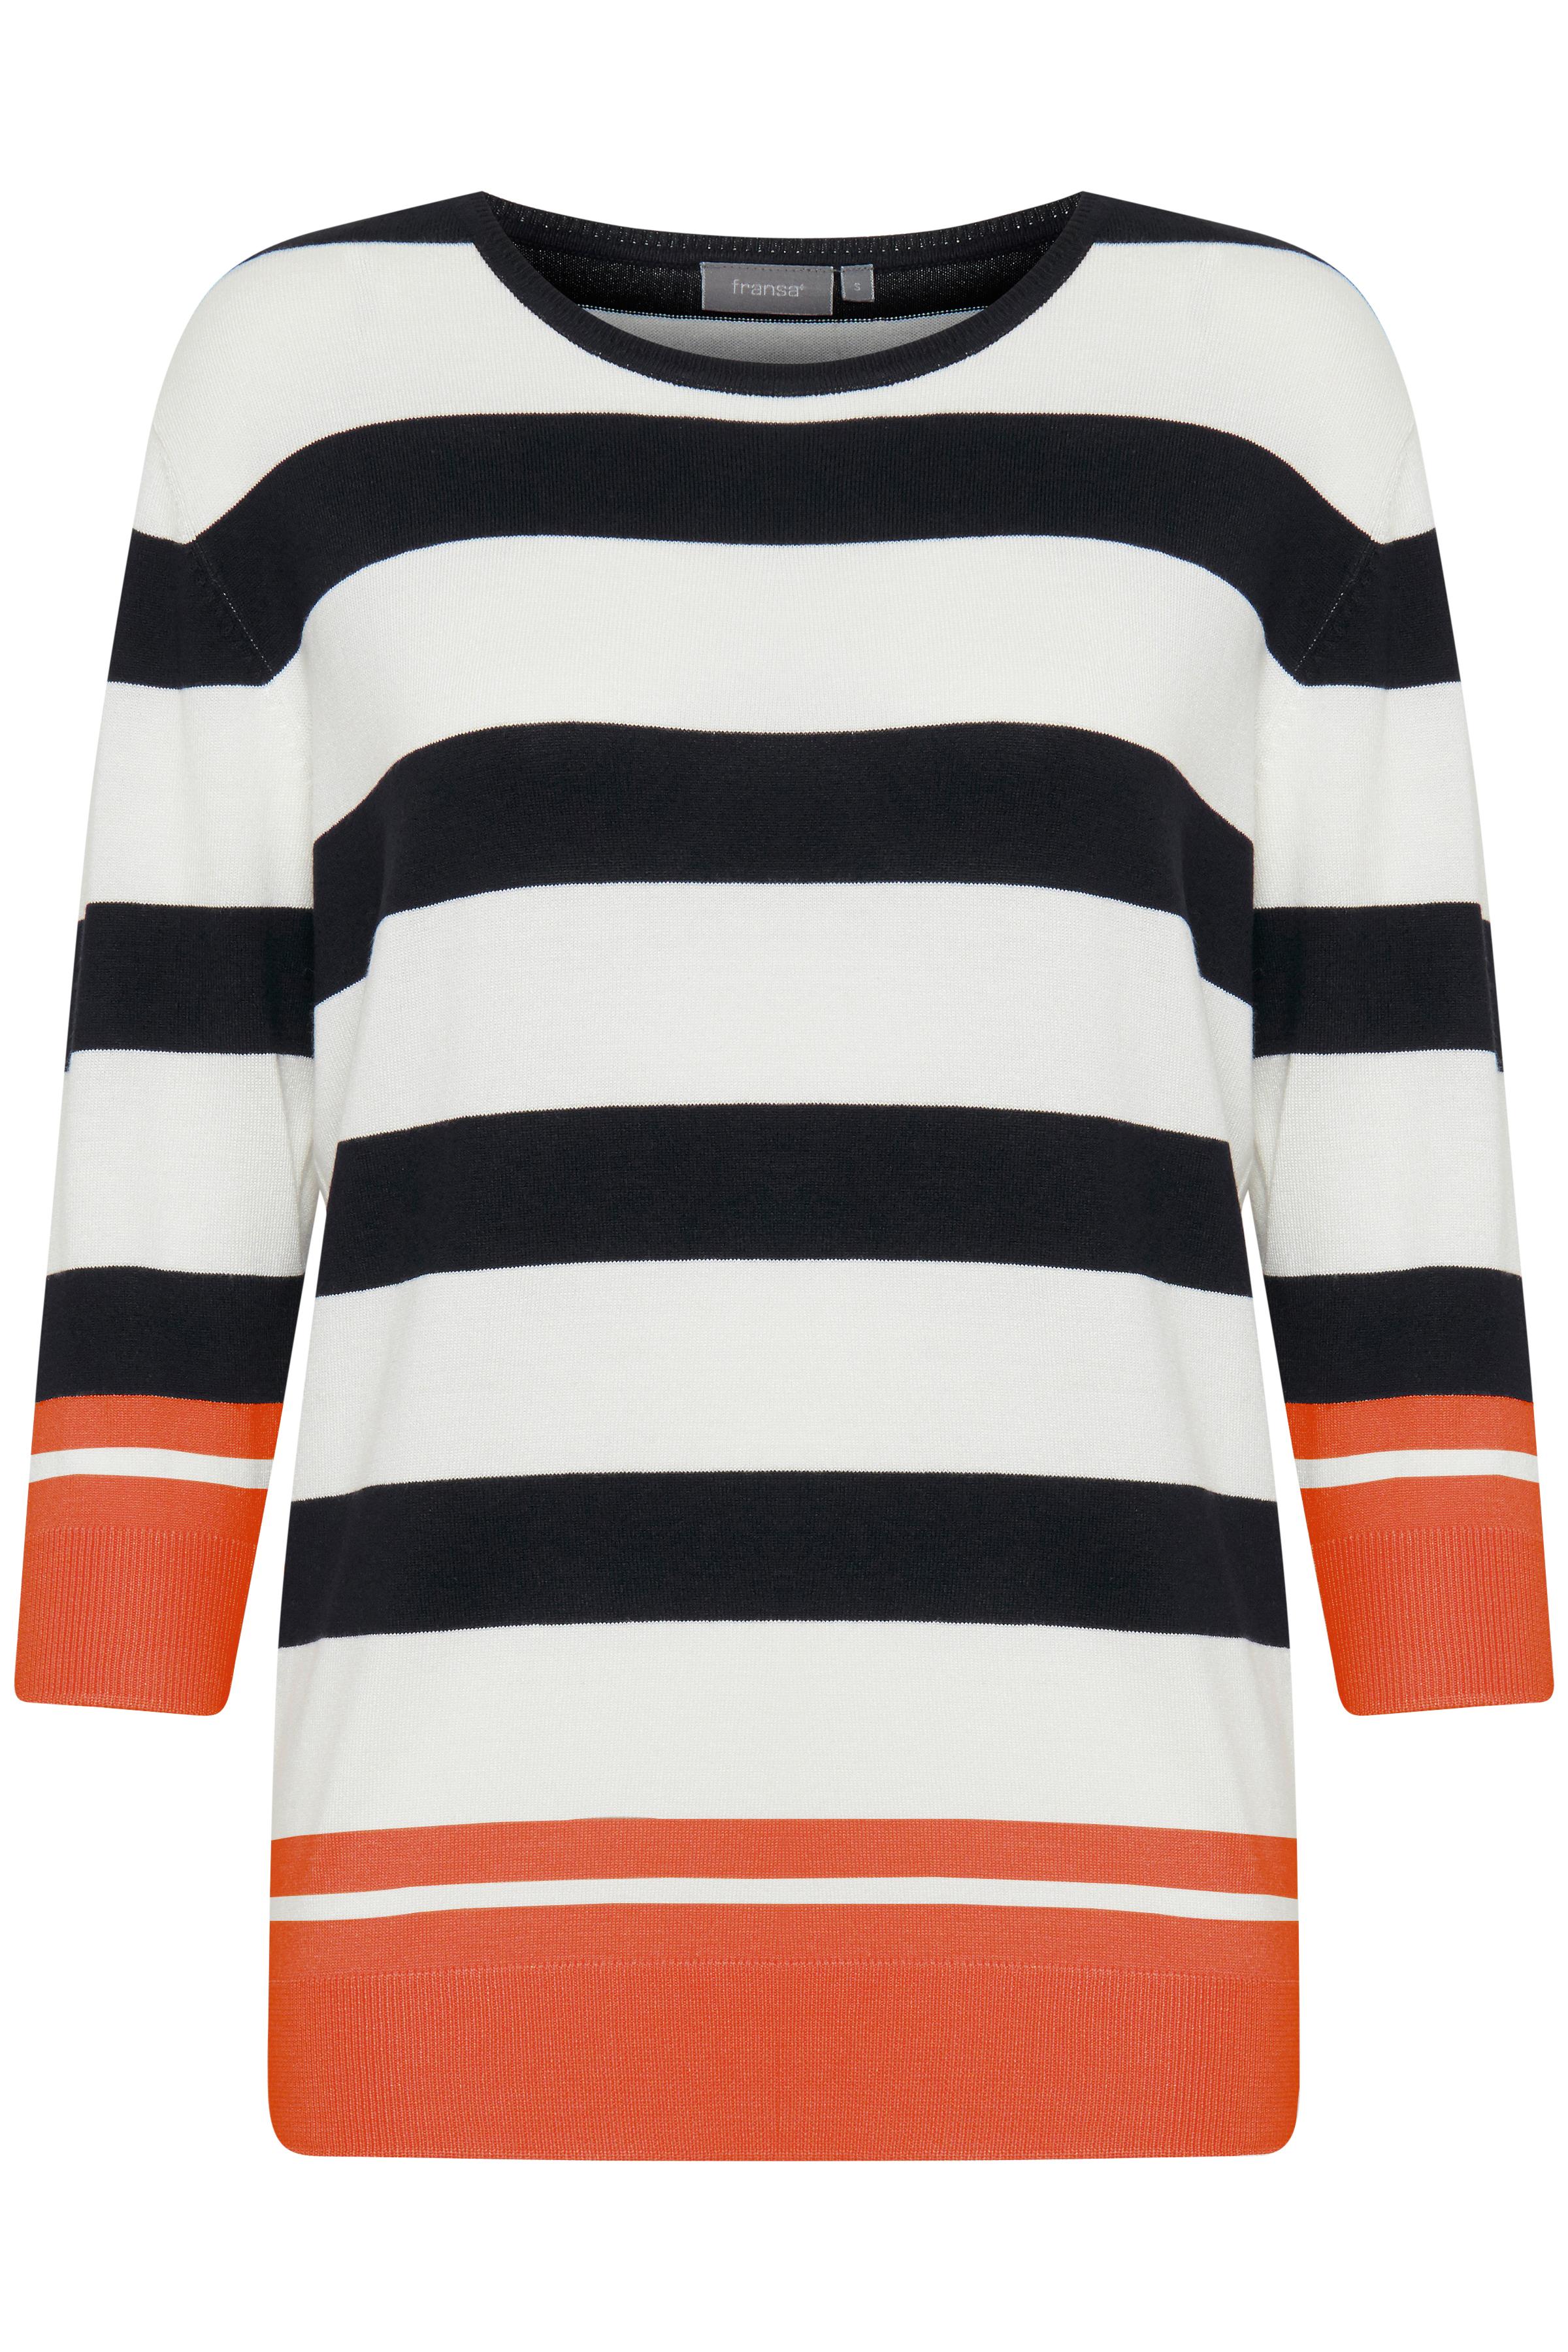 Vit/orange Stickad tröja från Fransa – Köp Vit/orange Stickad tröja från stl. XS-XXL här